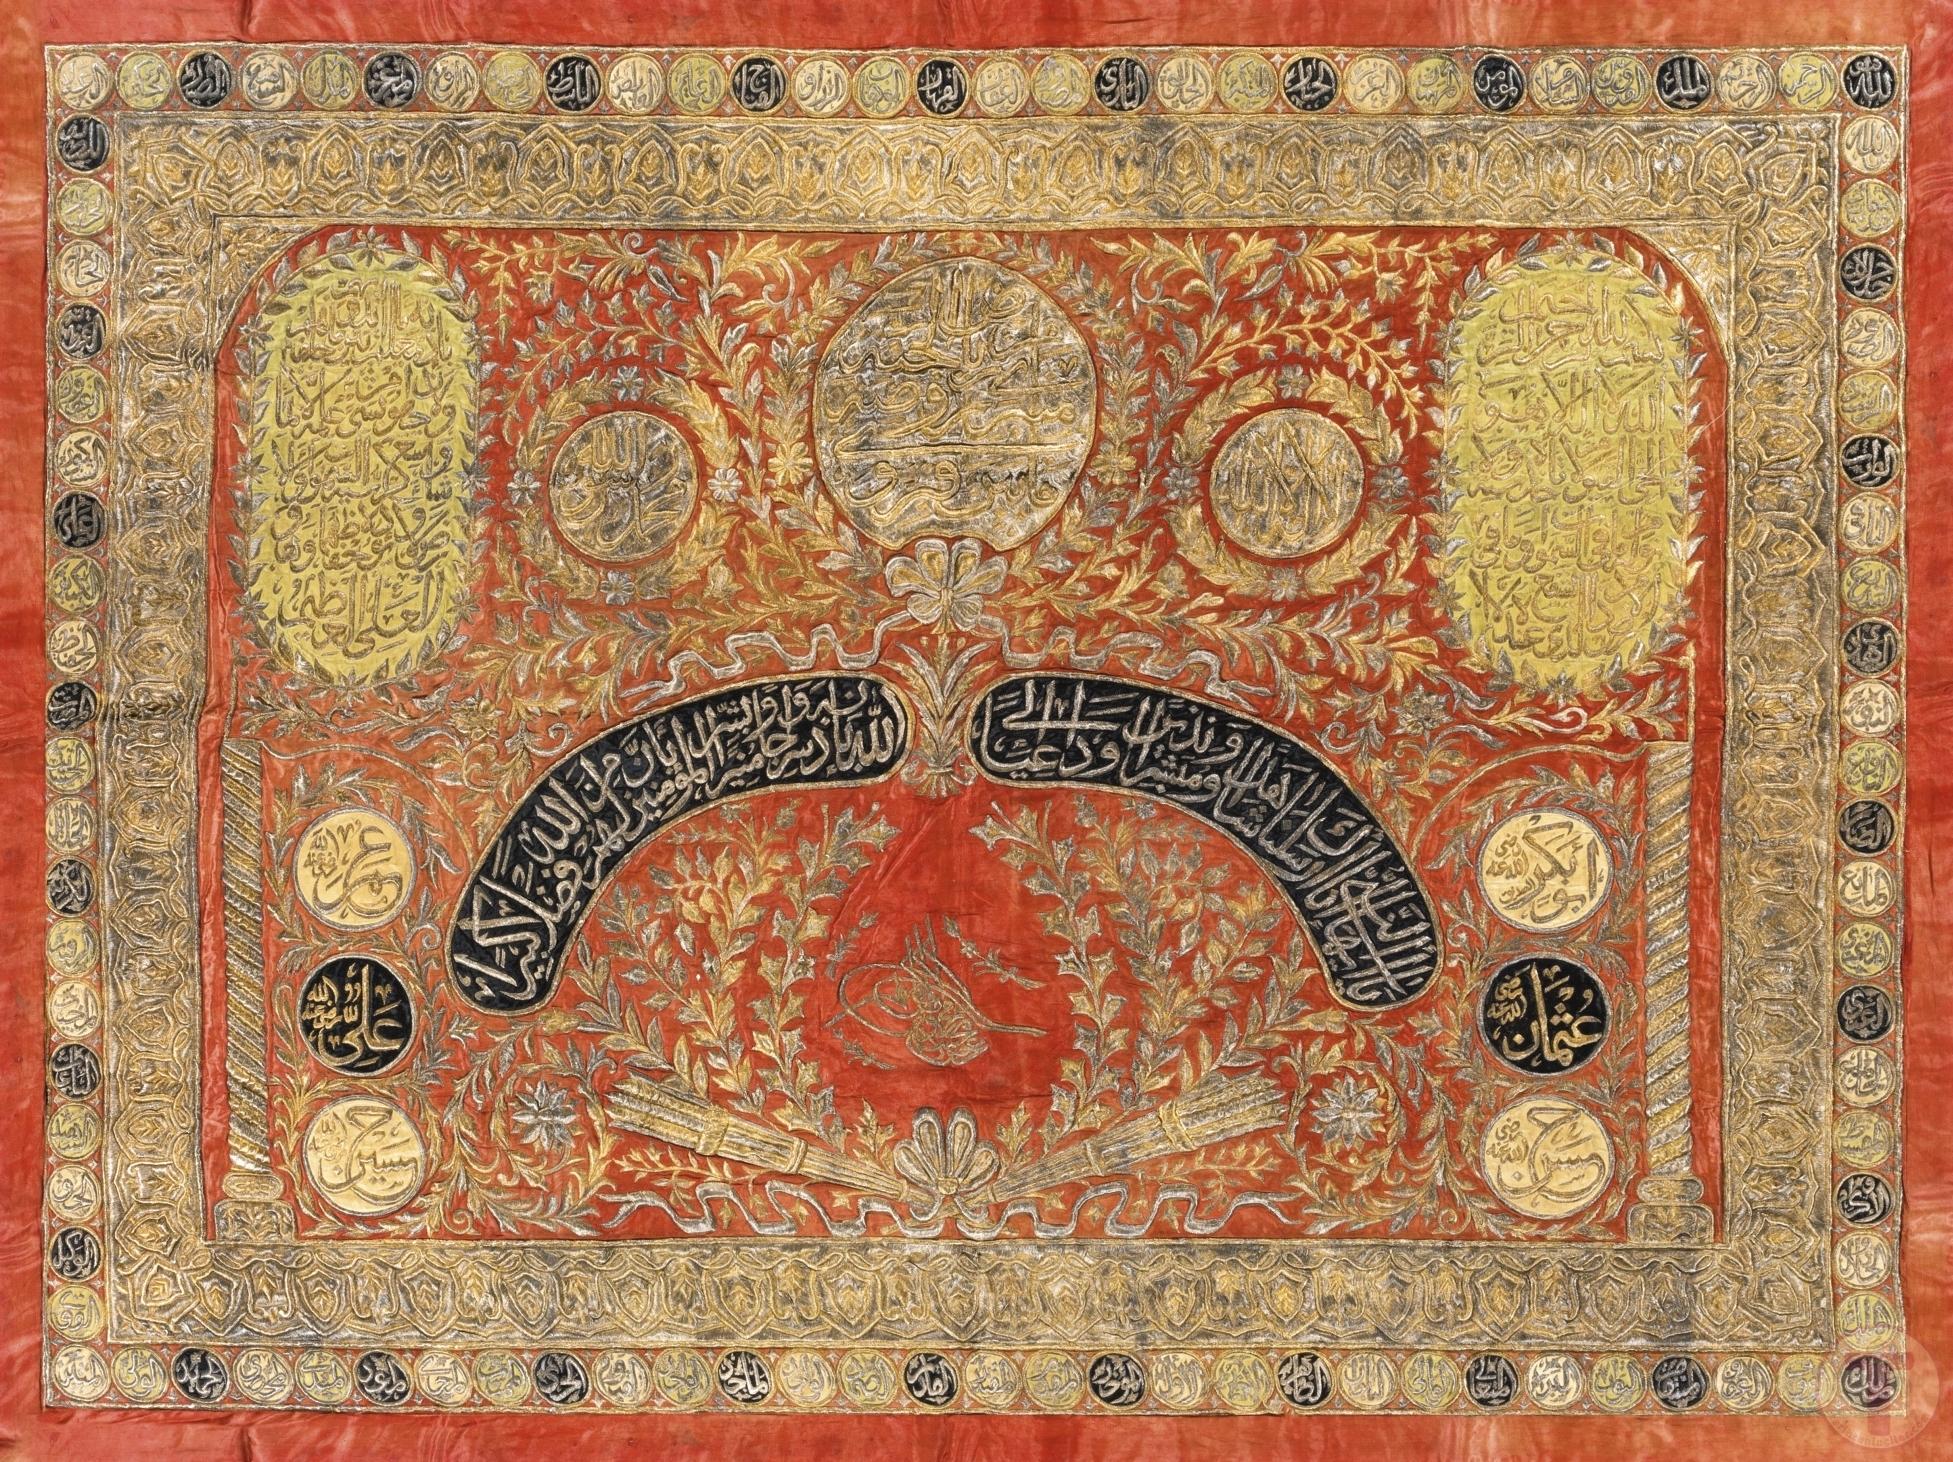 Tuğralı Bir Osmanlı İpek Ve Metal İplikli Perde